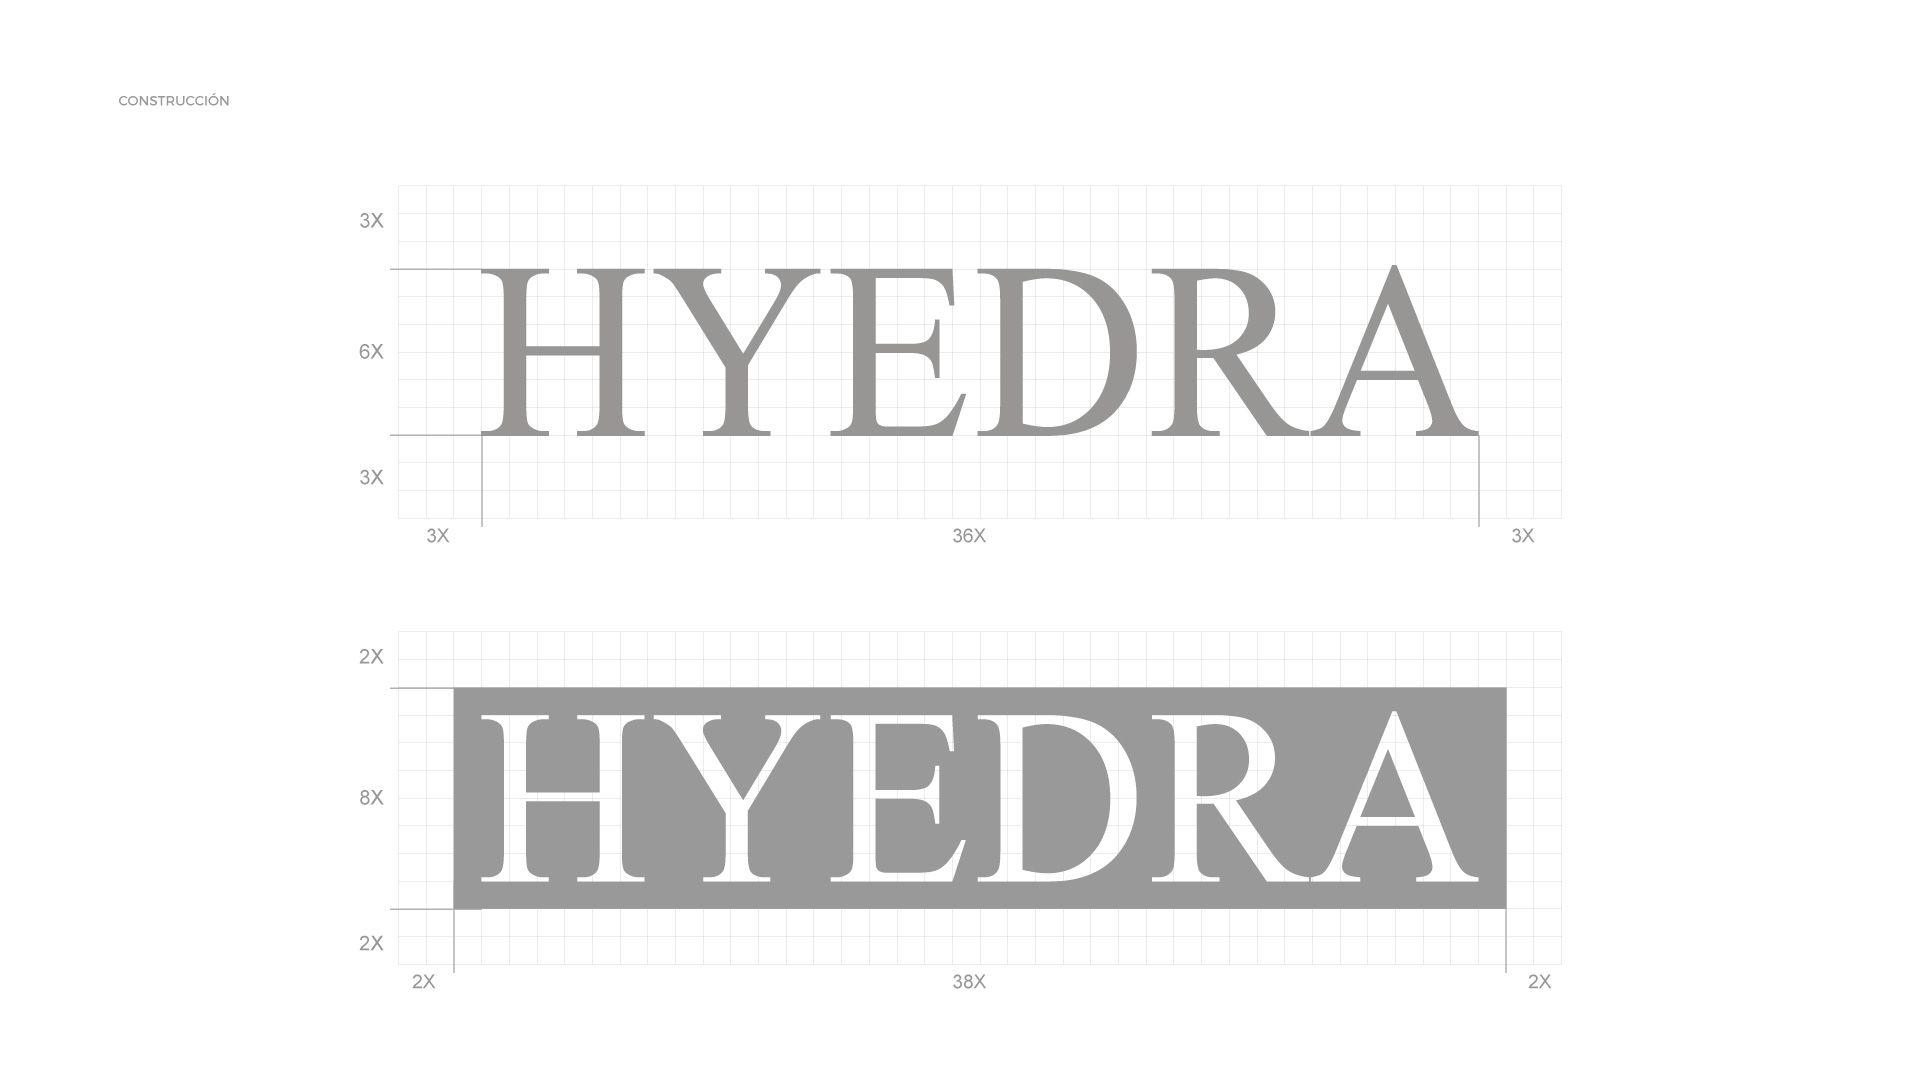 Logo-floristeria Hyedra-construcción